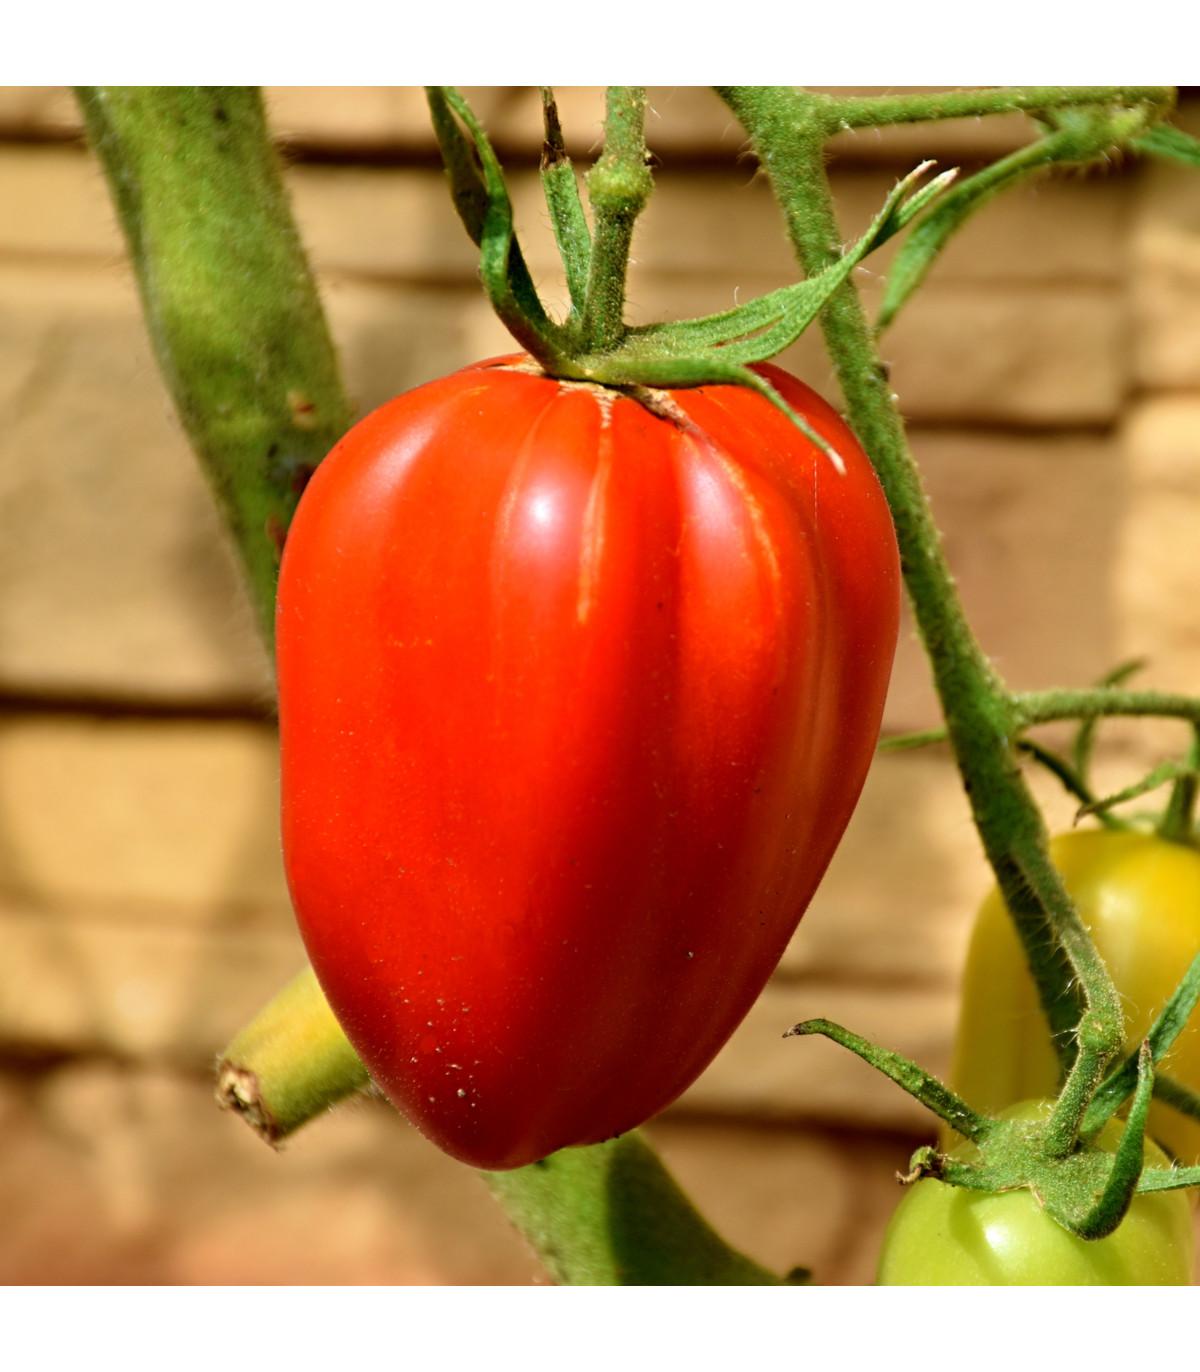 Paradajka Big mama - kolíková odroda - predaj semien paradajok - 7 ks